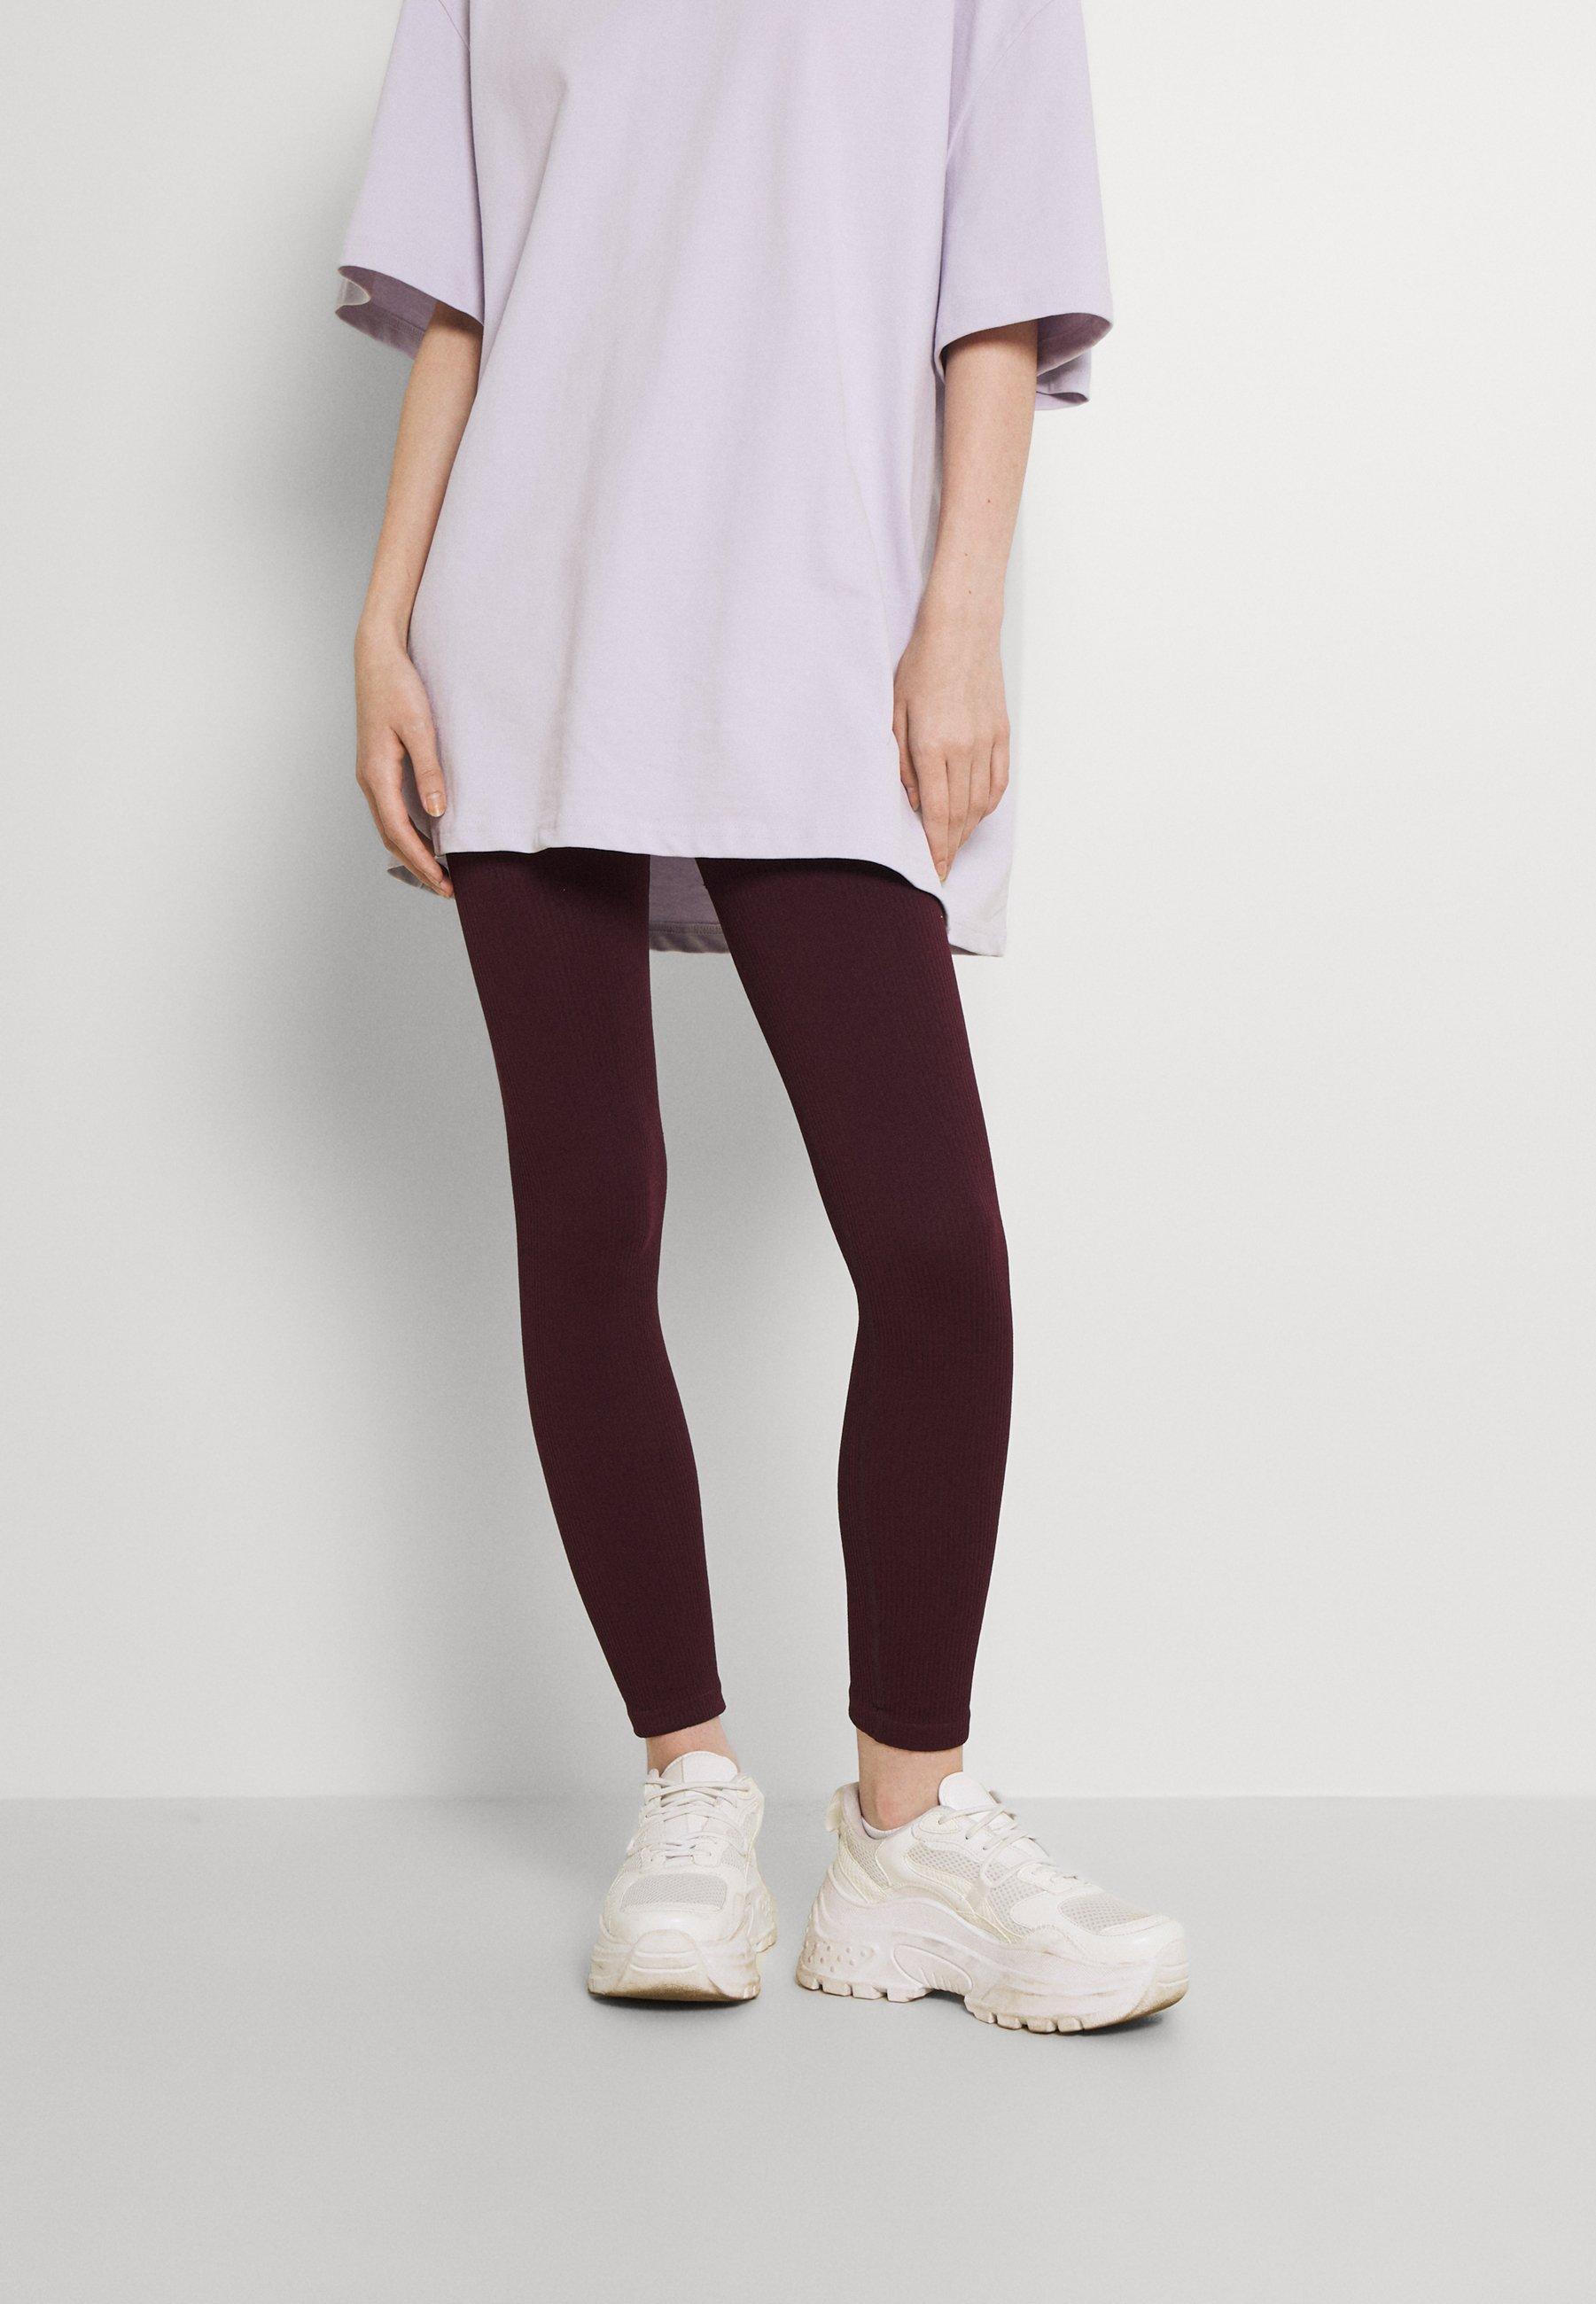 Damen ONLGWEN - Leggings - Hosen